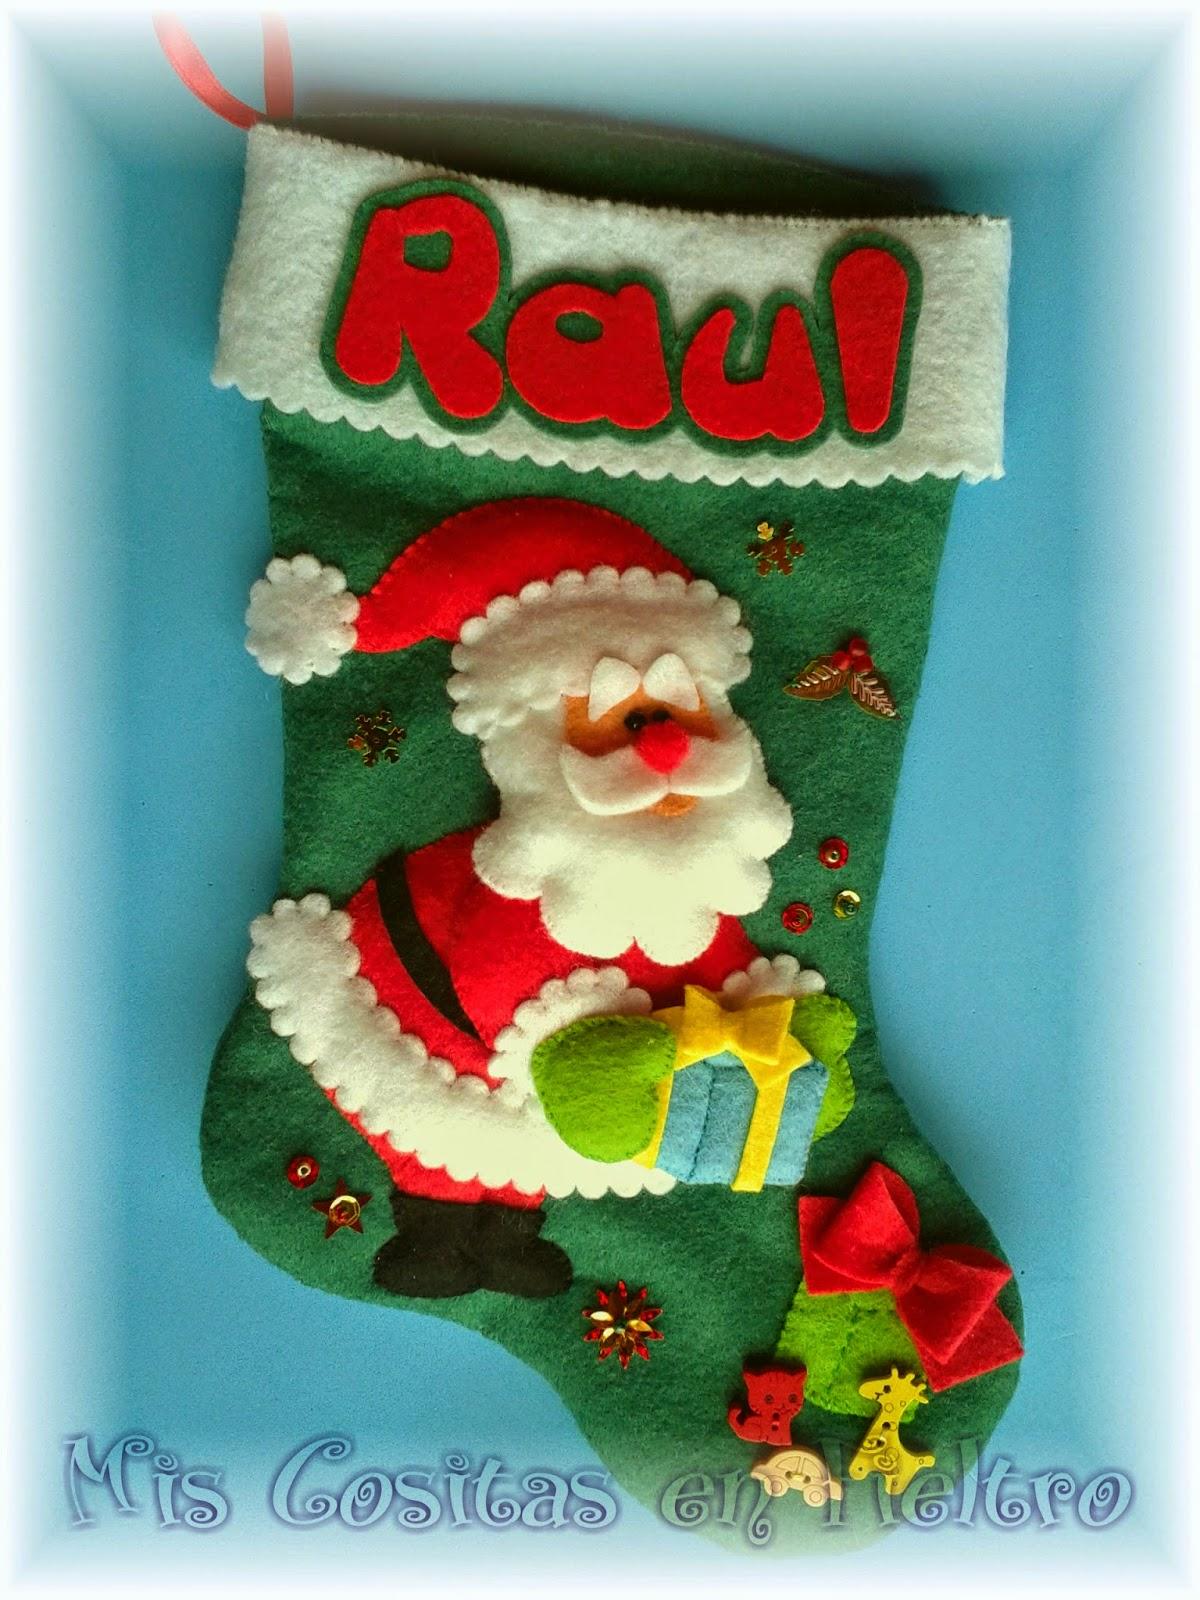 Mis cositas en fieltro productos artesanales elaborados - Manualidades para navidades ...